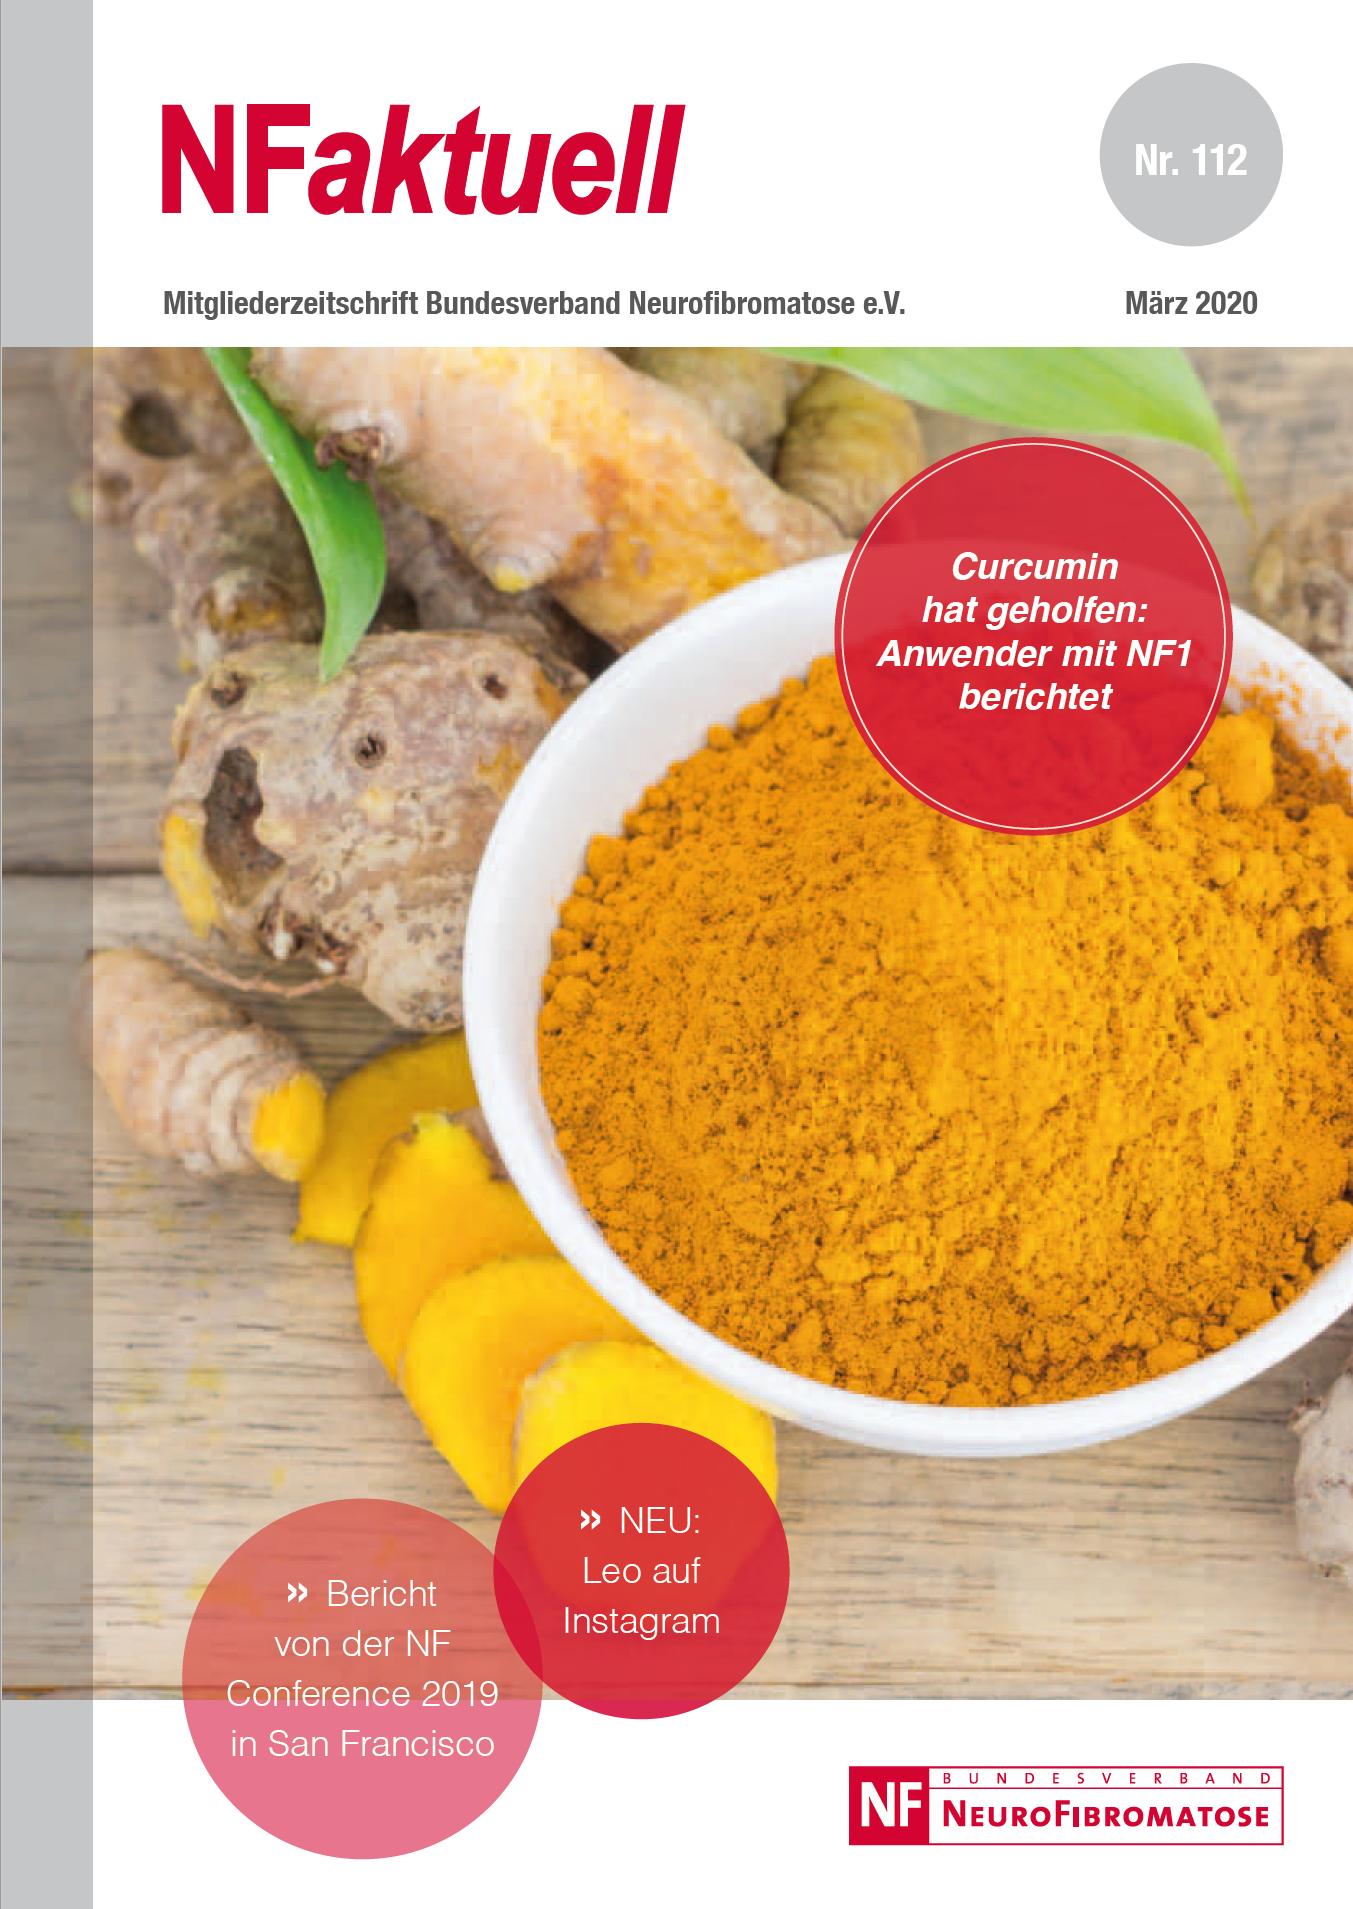 NFaktuell 112 Mitgliederzeitschrift Bundesverband Neurofibromatose NF1 NF2 NF3